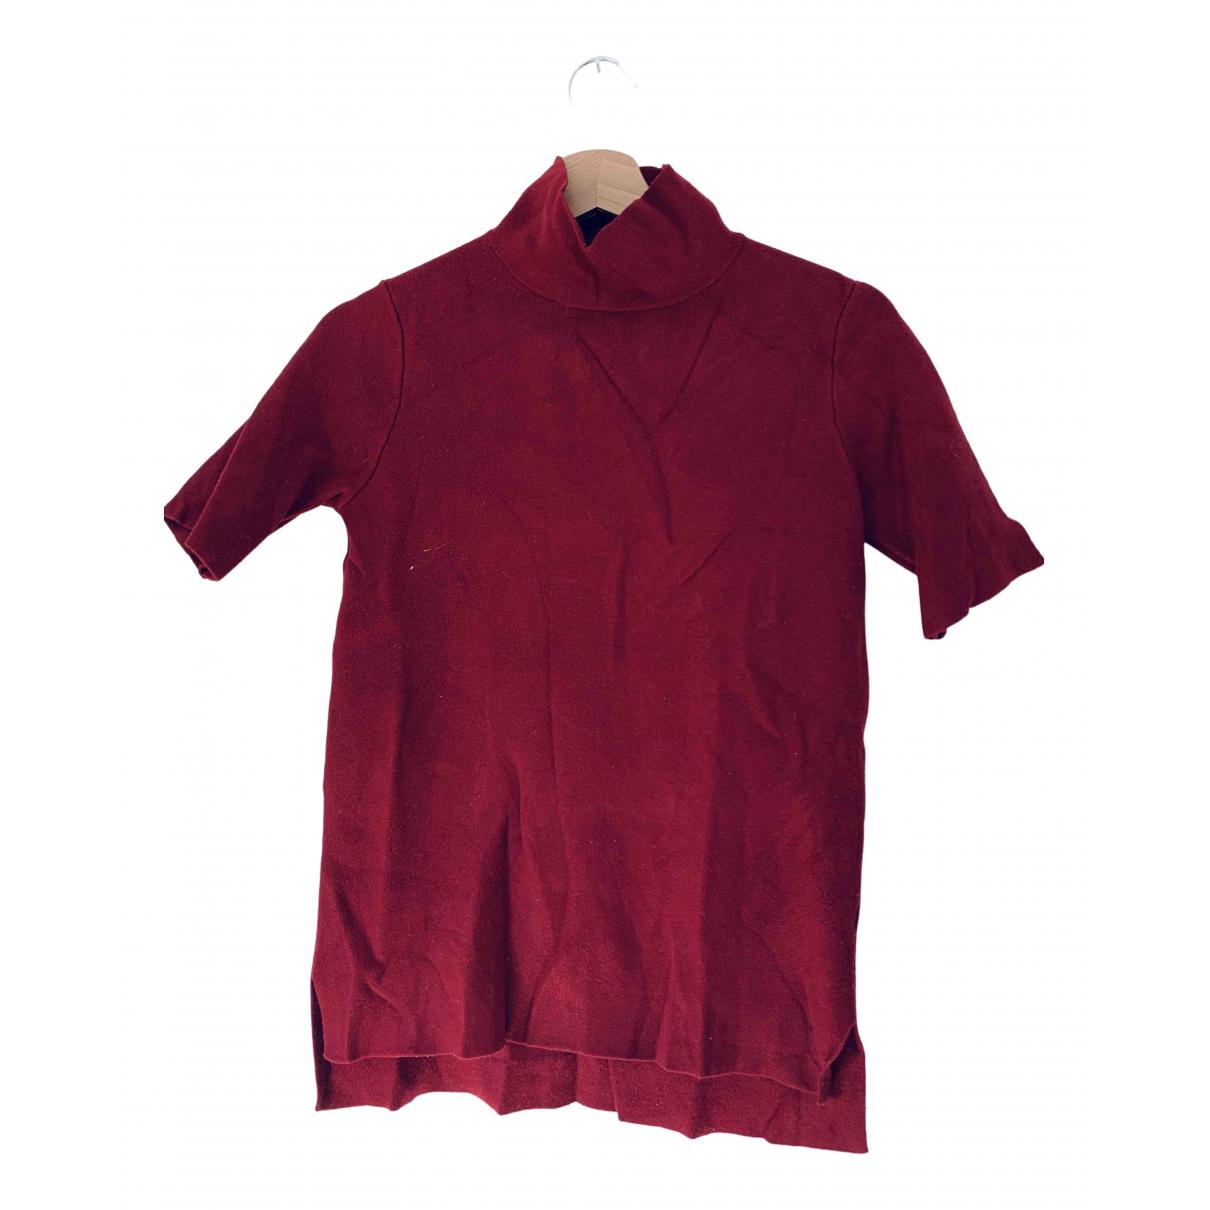 Zara N Red Knitwear for Women 38 FR